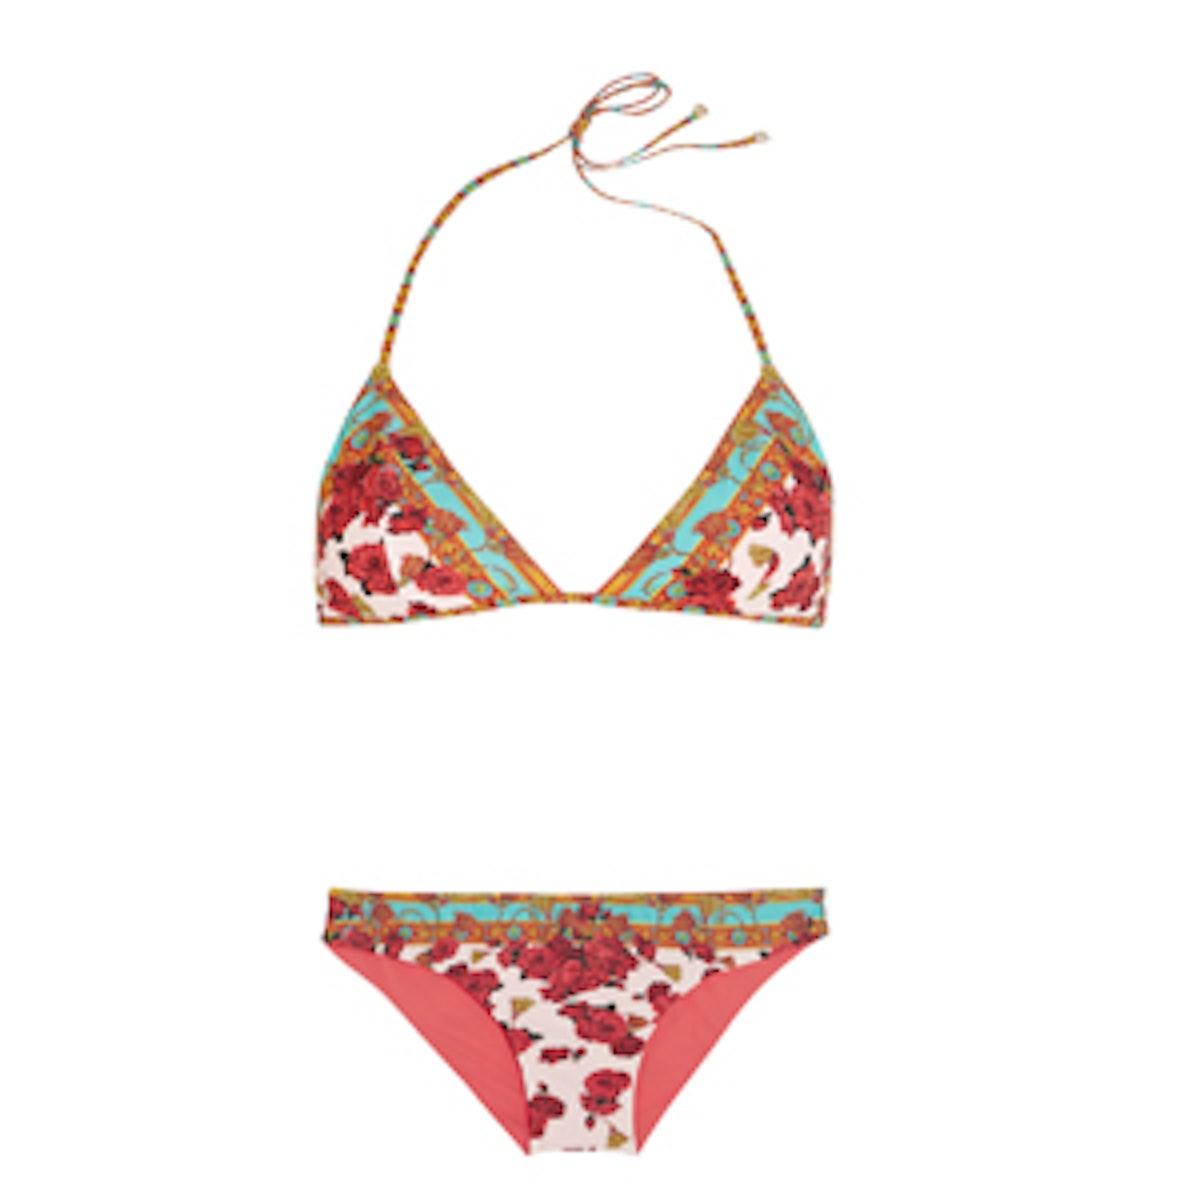 Floral Printed Bikini